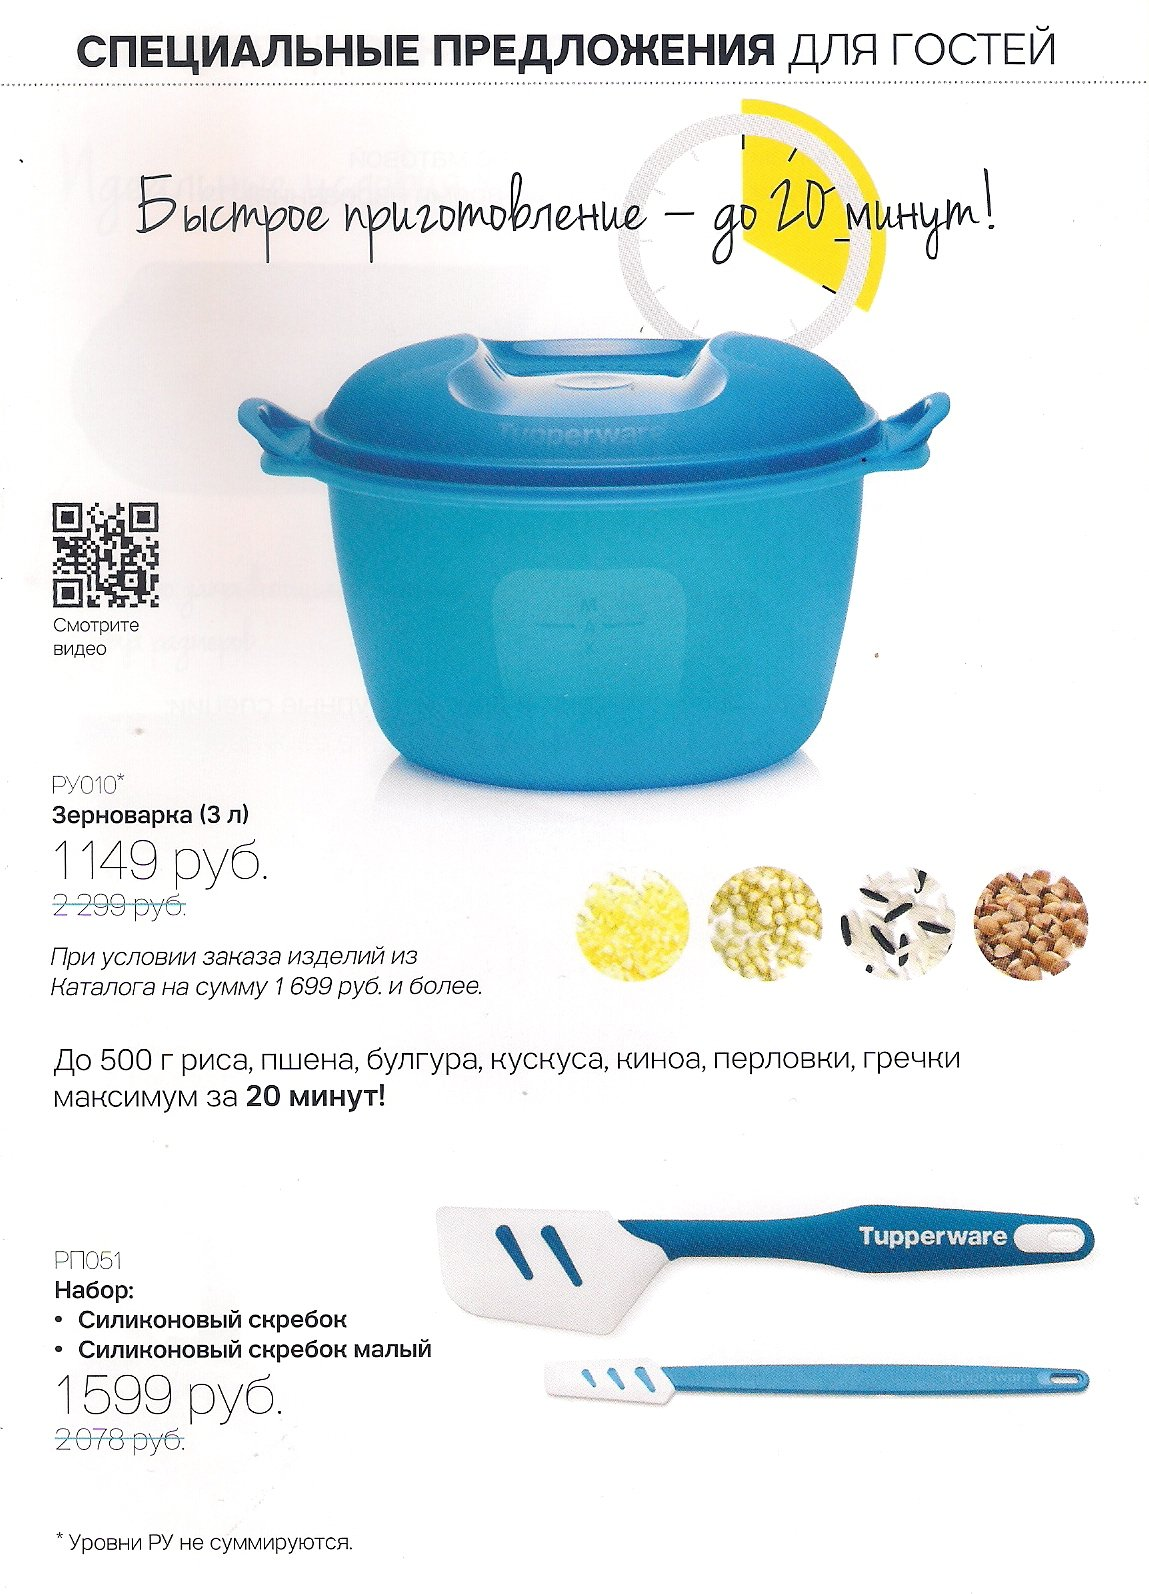 http://tupperware-online.ru/images/upload/6H.jpg